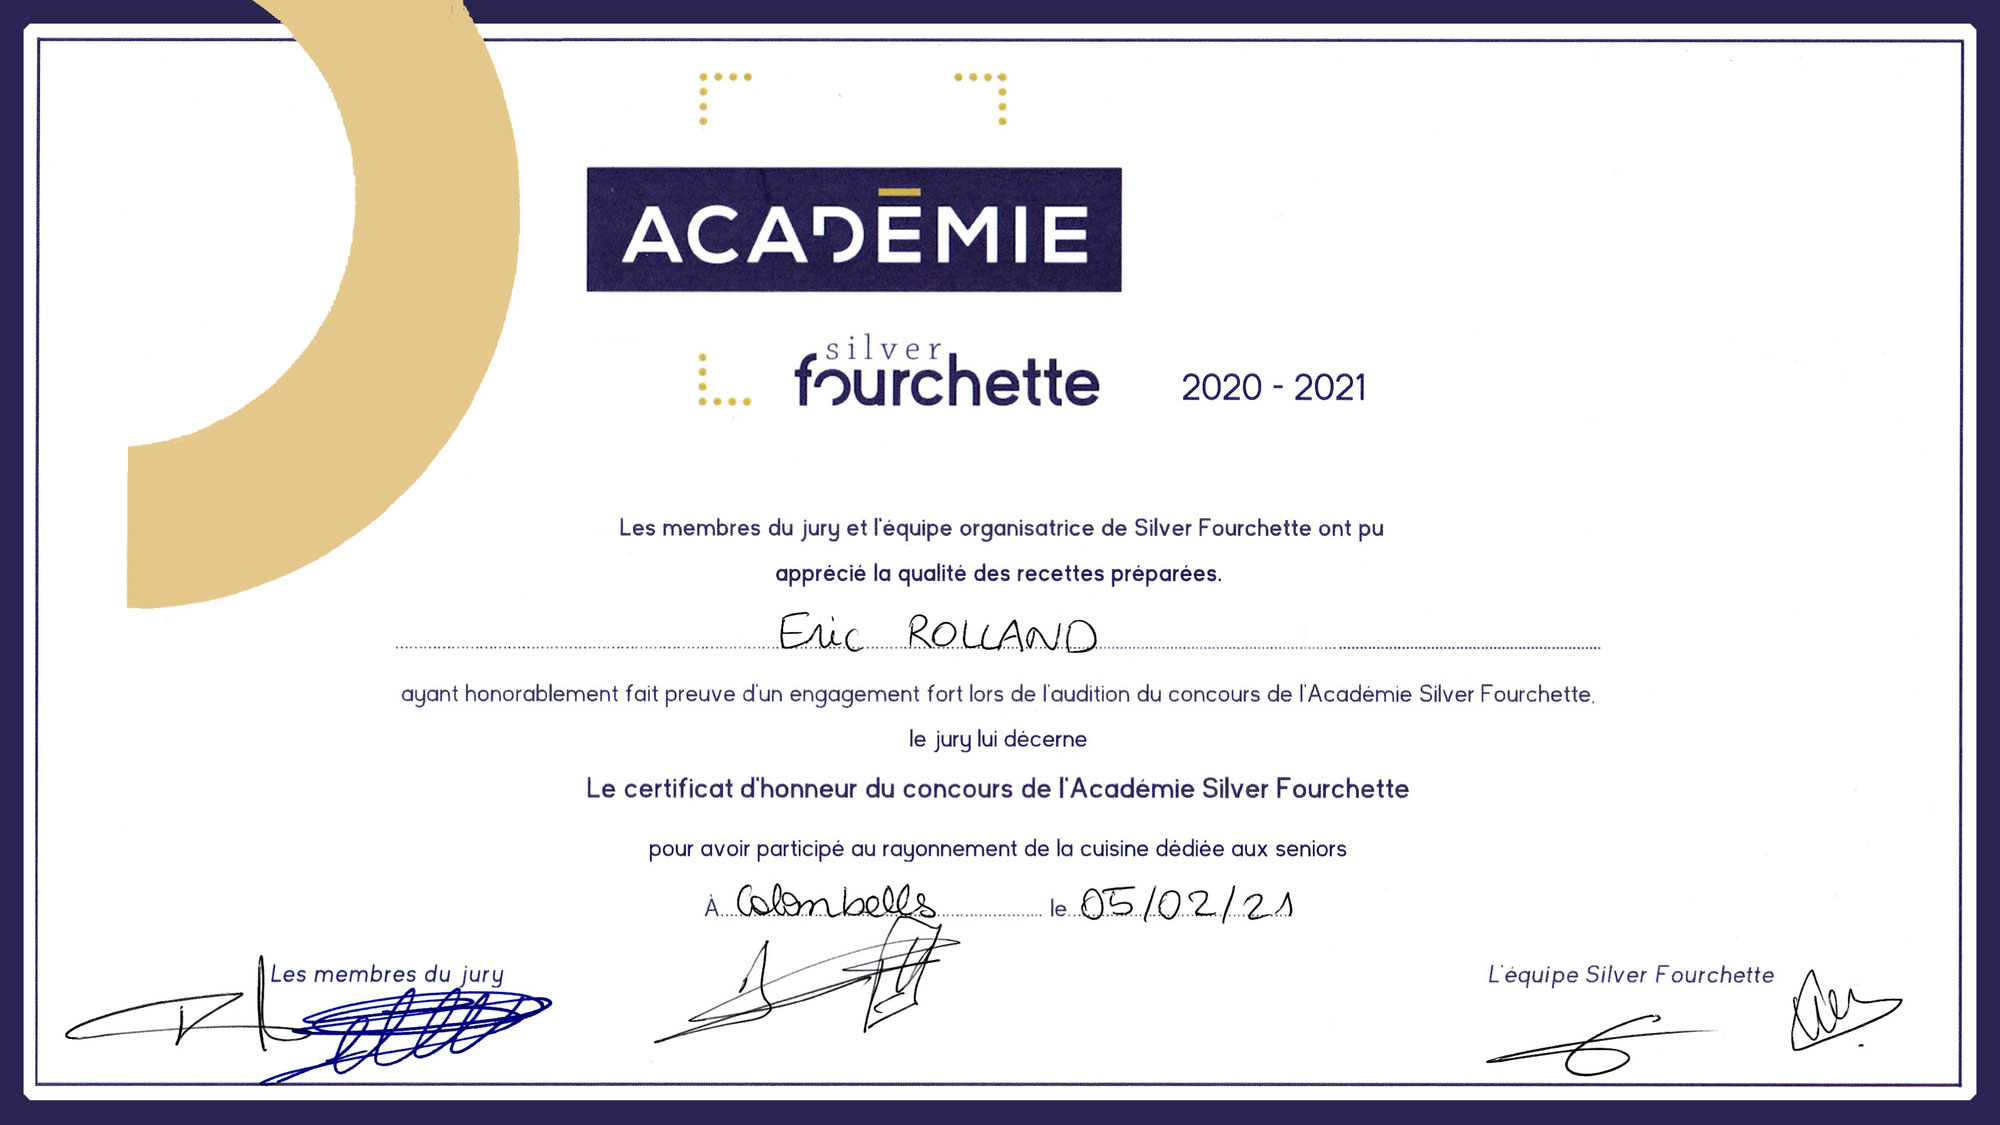 Académie Silver Fourchette 2020-2021